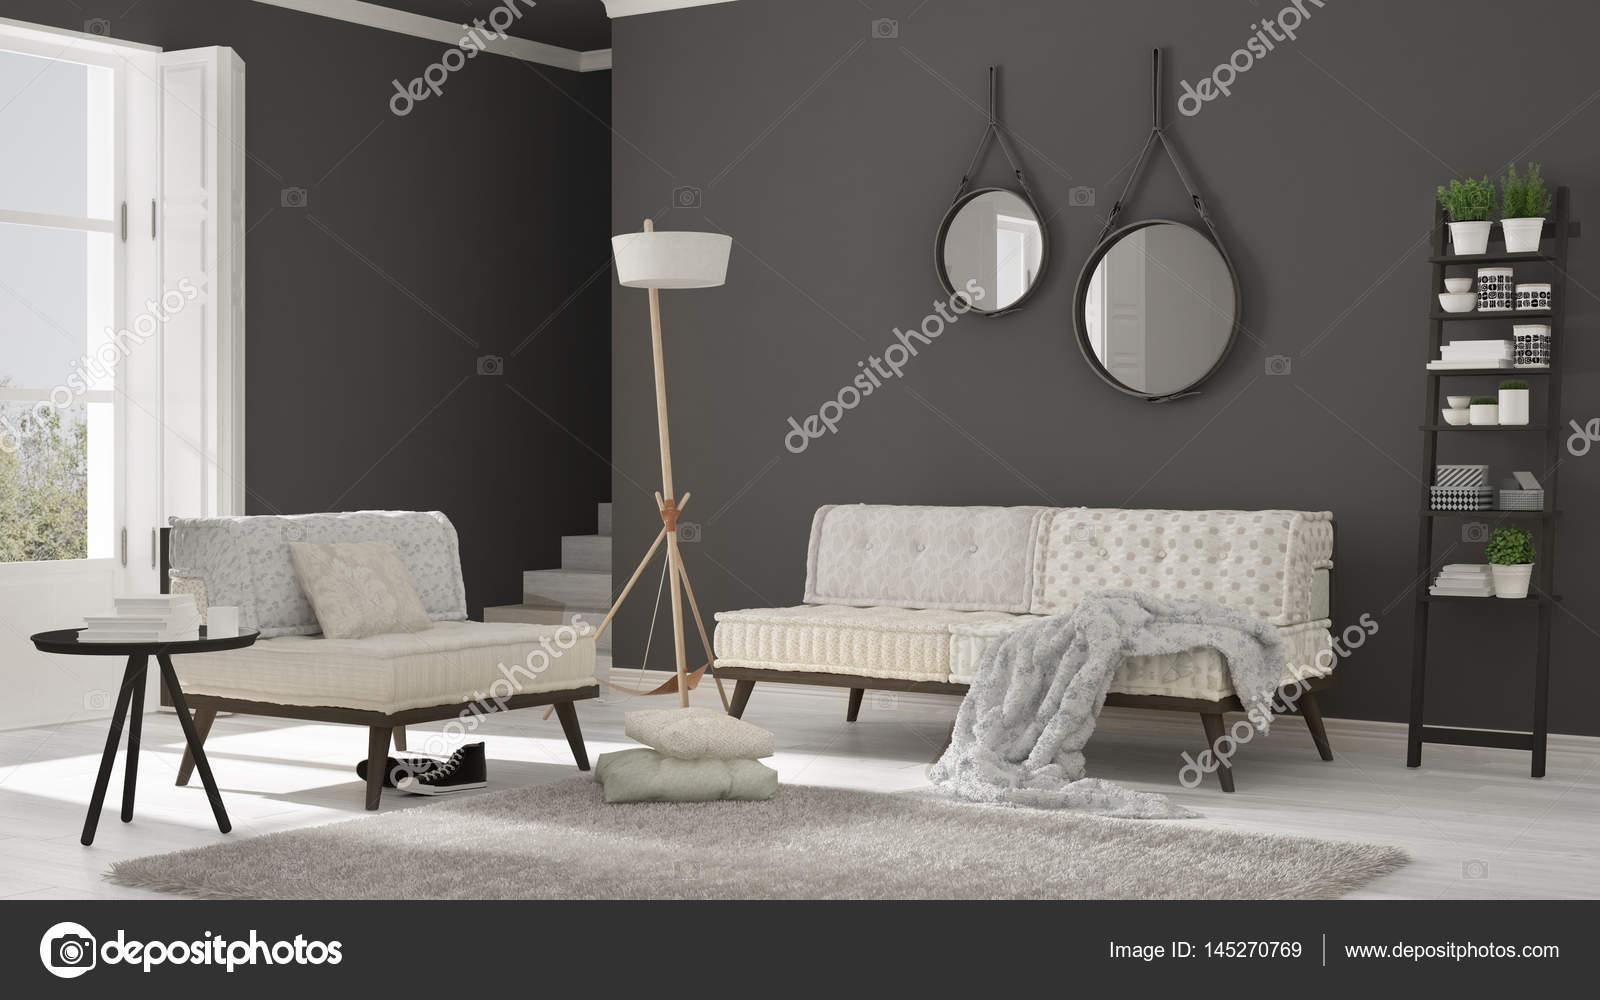 Skandynawski Salon Z Kanapą Fotelem I Miękkie Futro Dywan Zdjęcie